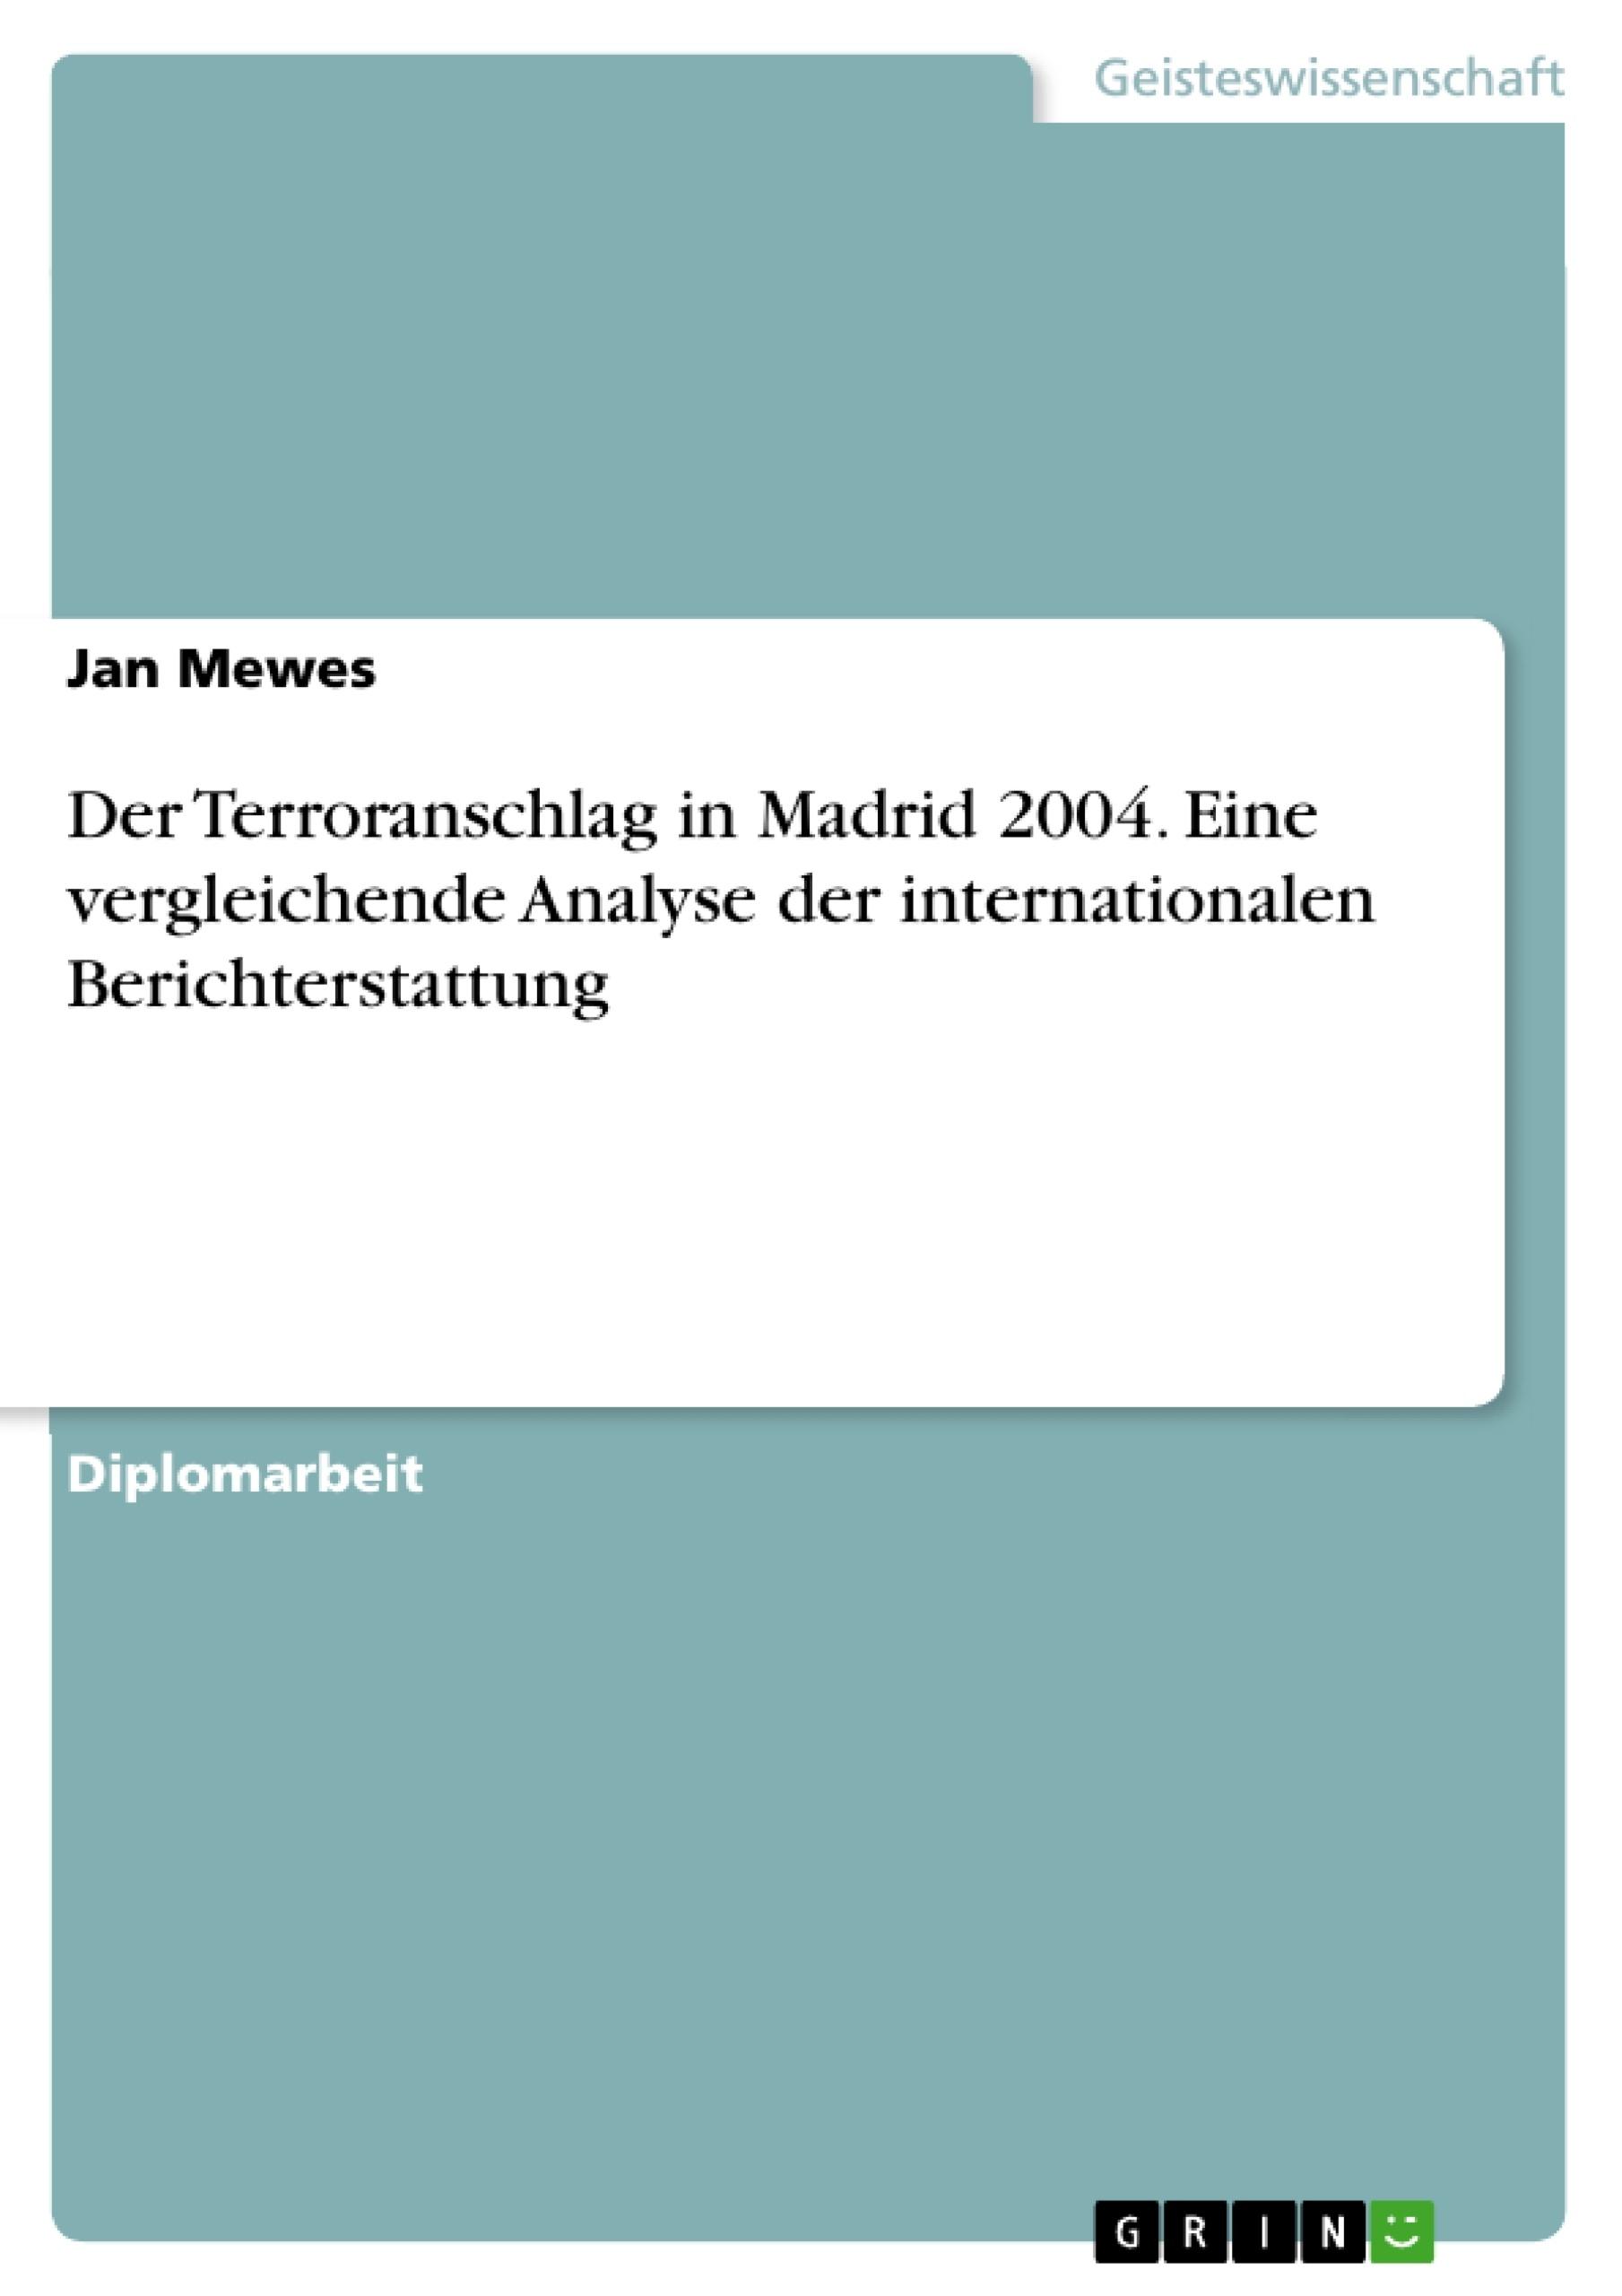 Titel: Der Terroranschlag in Madrid 2004. Eine vergleichende Analyse der internationalen Berichterstattung